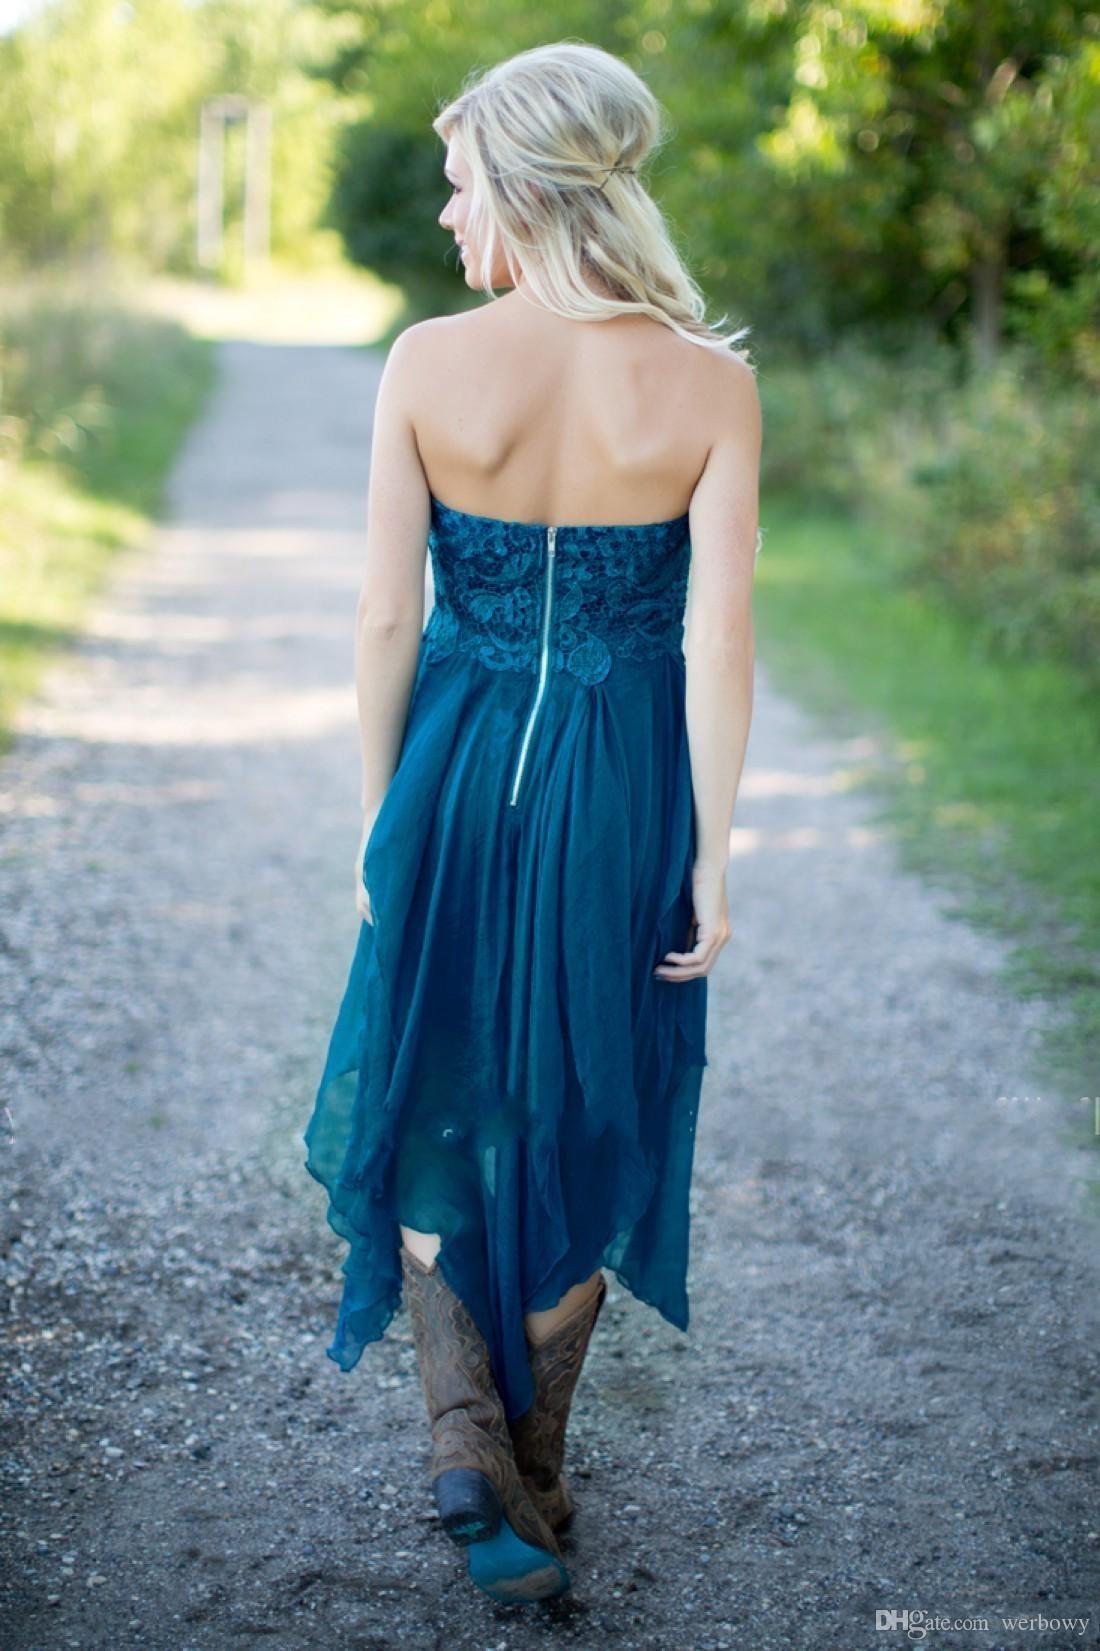 웨딩 청록색 쉬폰 비치 레이스 높은 낮은 낮은 서클 파티 메이드 명예 가운 HY253에서 짧은 섹시한 신부 들러리 드레스